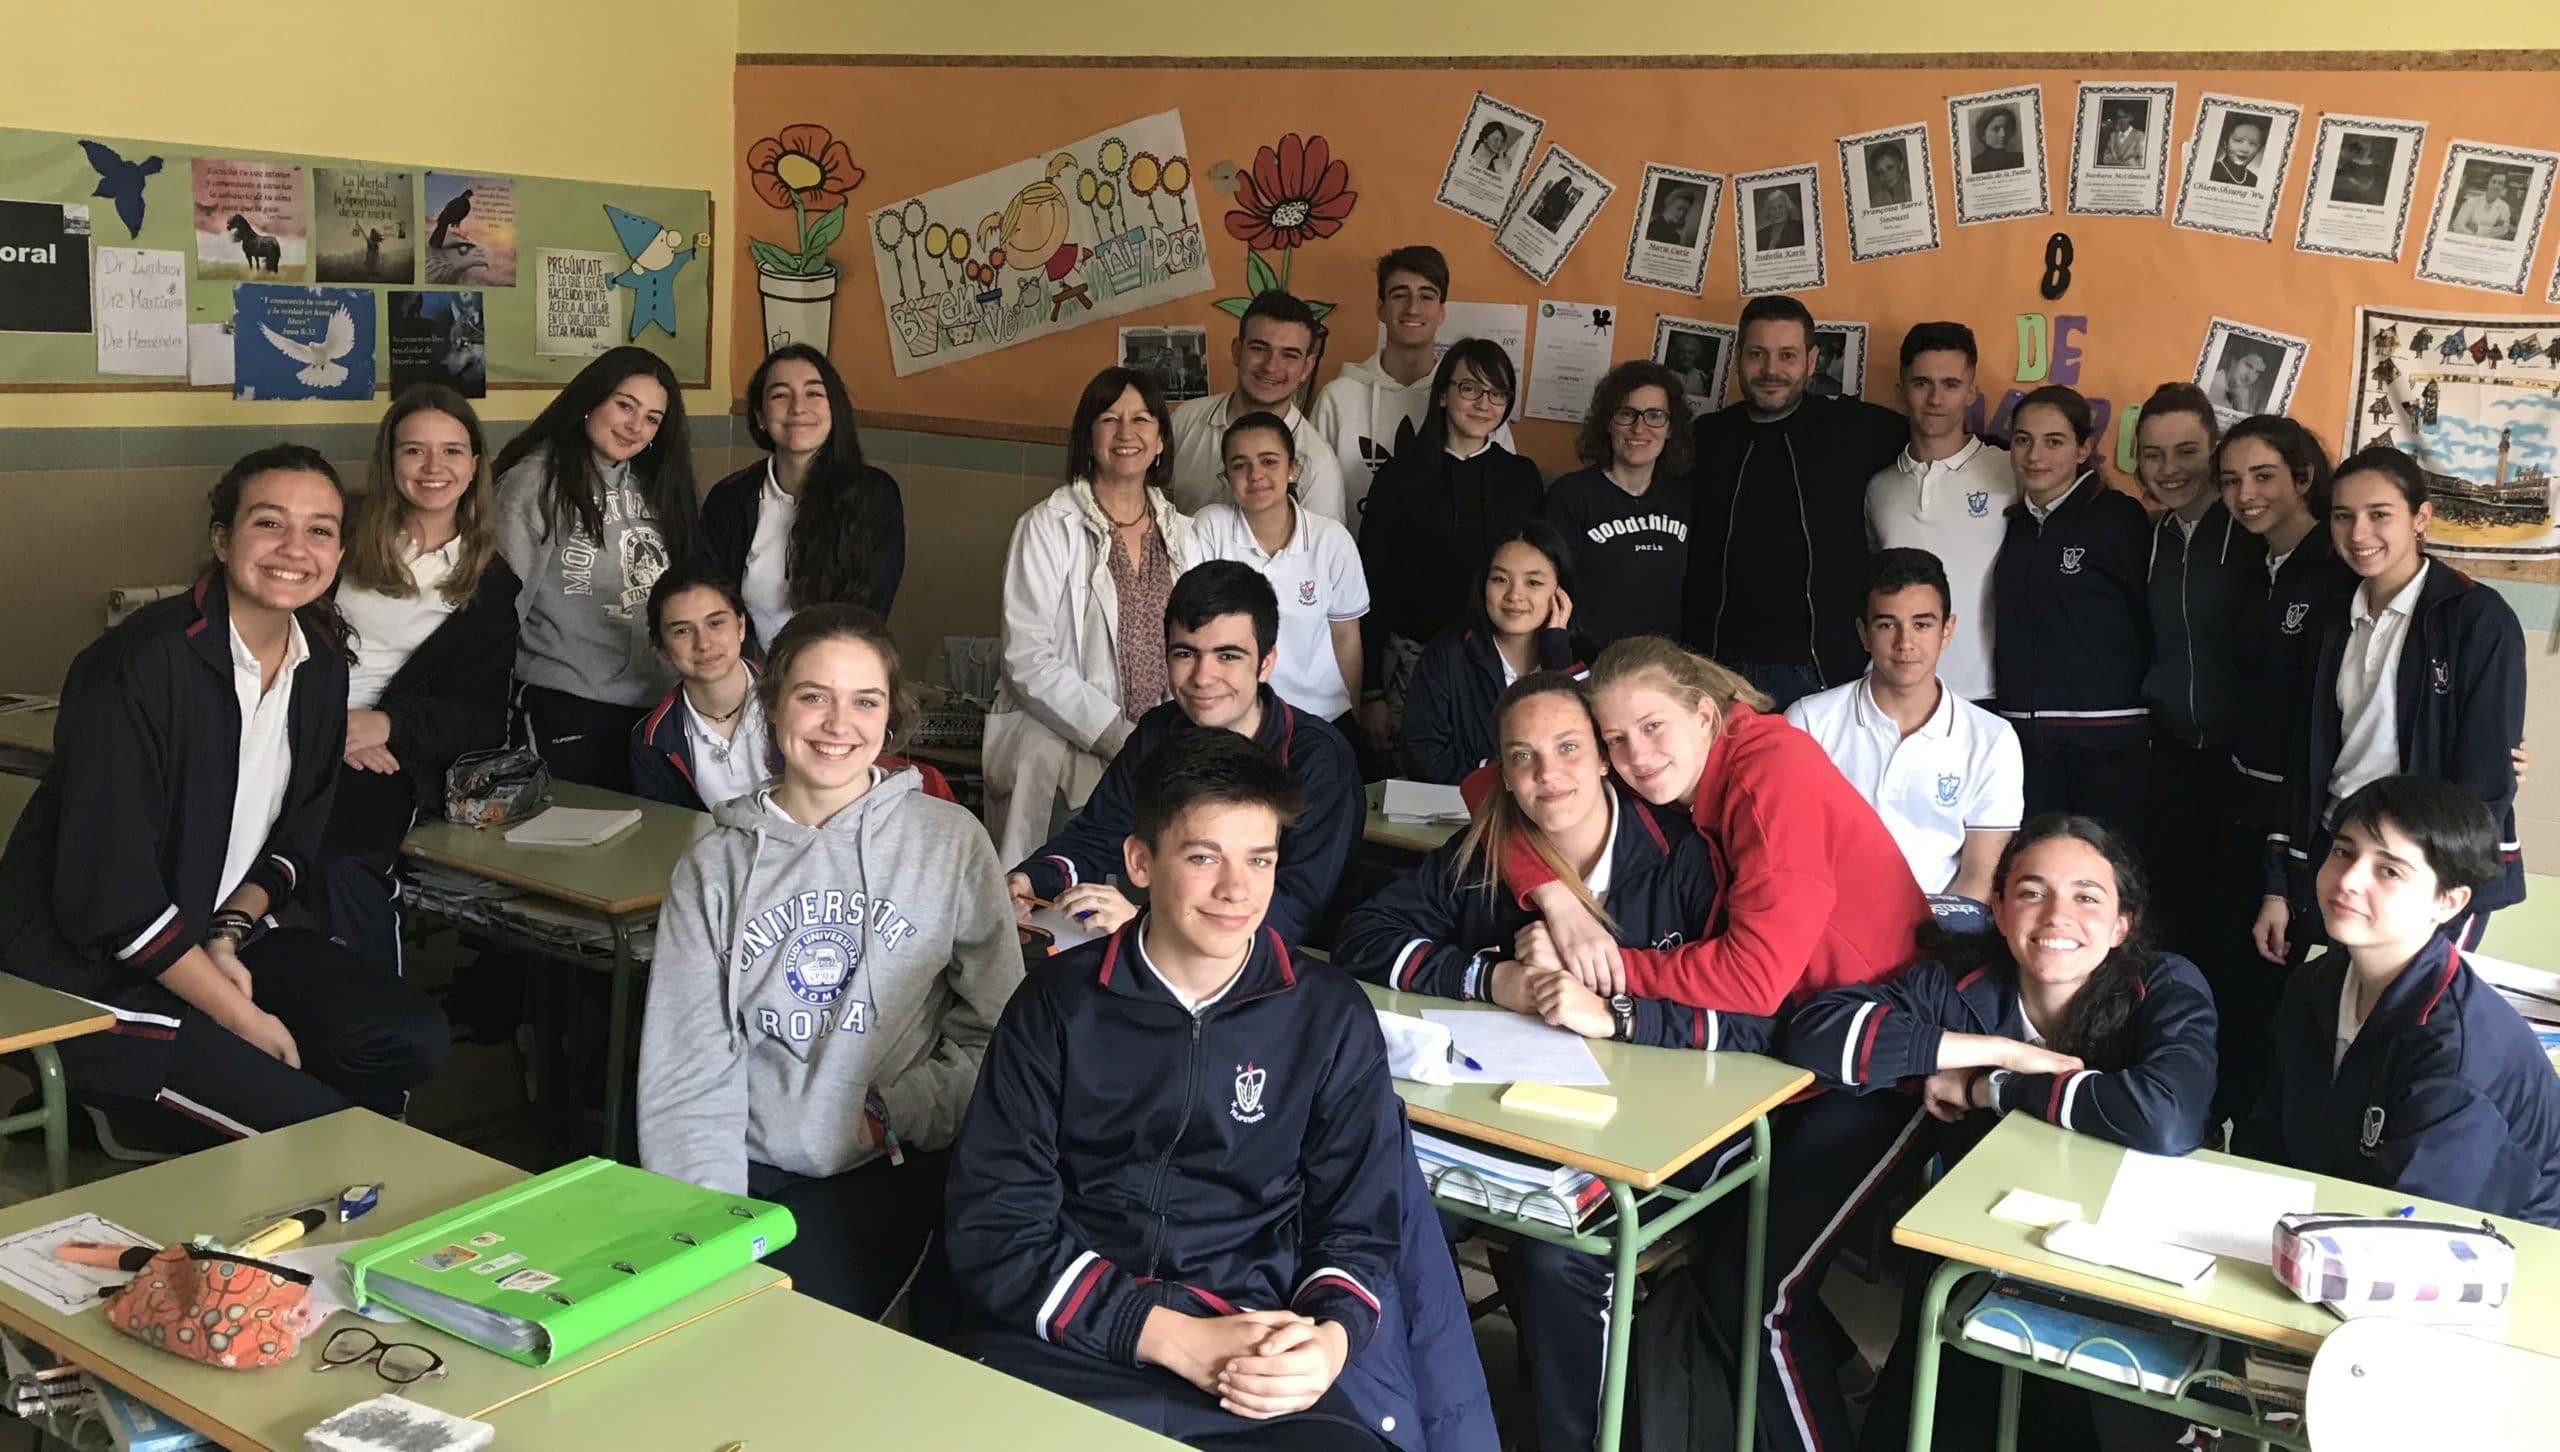 Charla sobre esclerosis múltiple a los alumnos de 1º de bachillerato del Colegio Blanca de Castilla